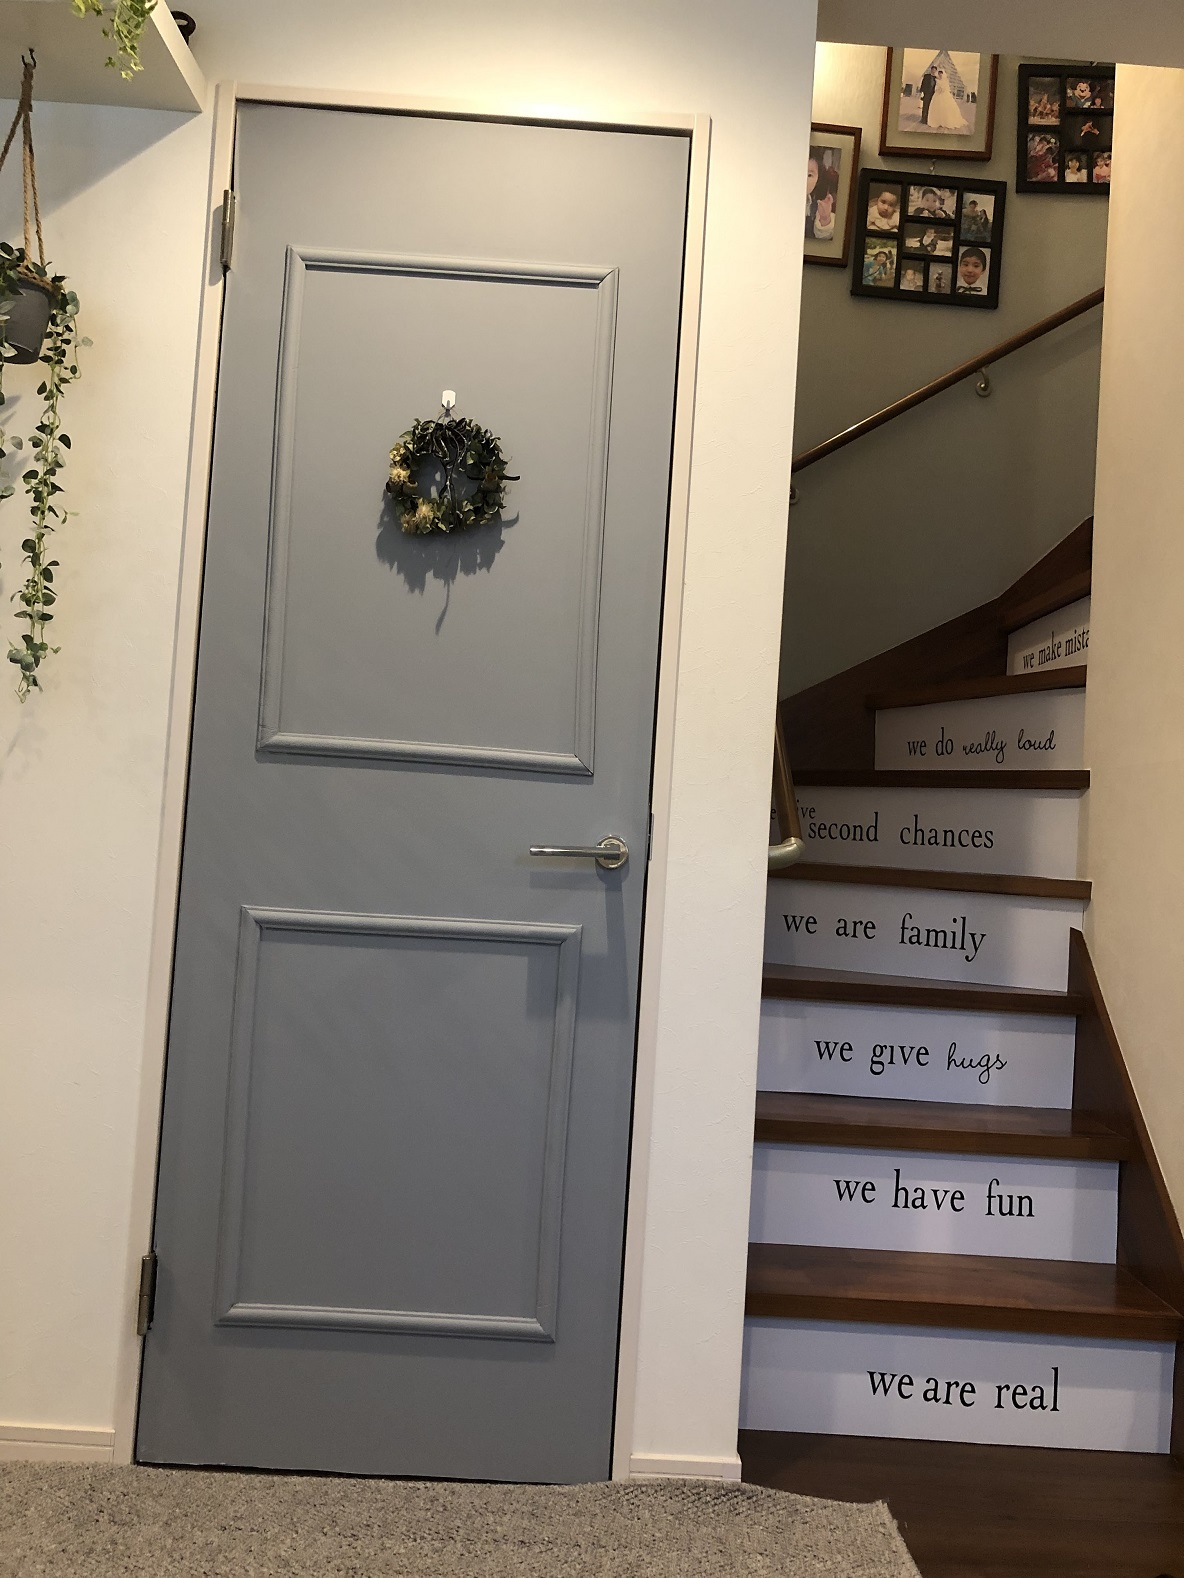 壁紙の張替えに ドアの塗装まで 自ら部屋を彩るインテリアコーディネーターの部屋 Roomie ルーミー